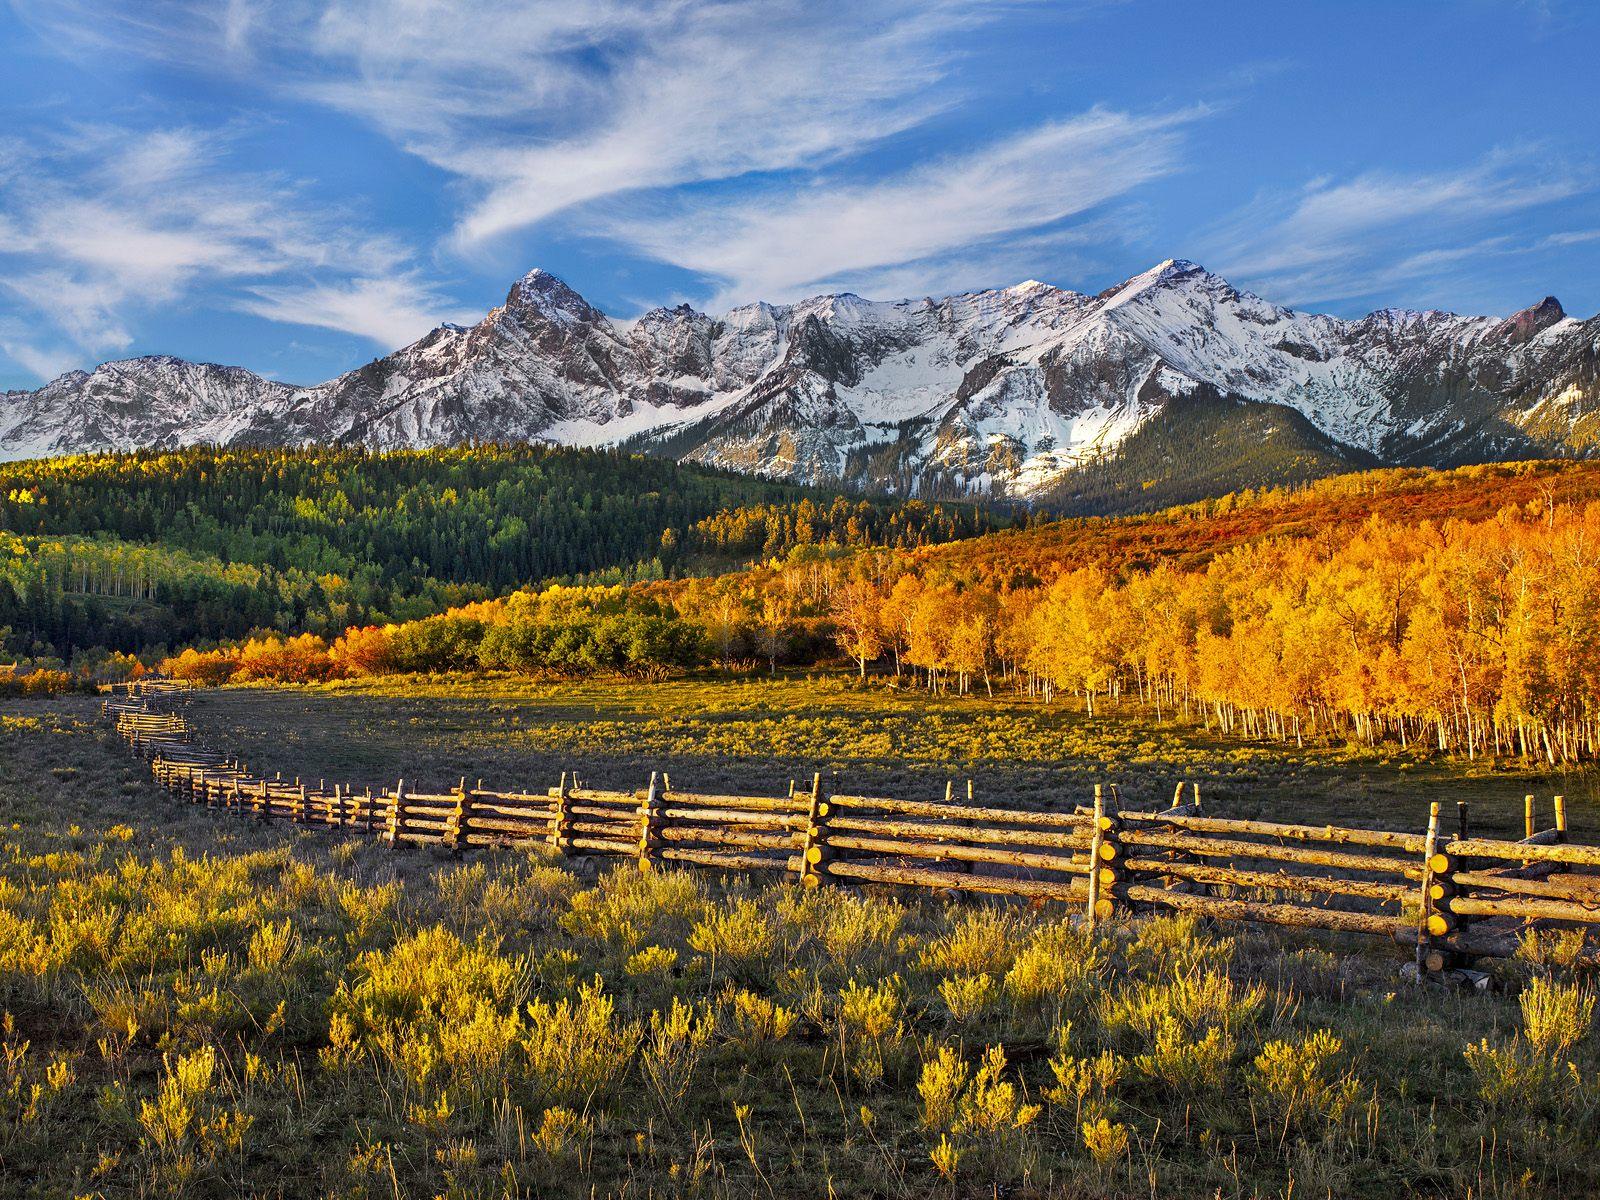 Dallas divide colorado picture dallas divide colorado - Colorado wallpaper ...